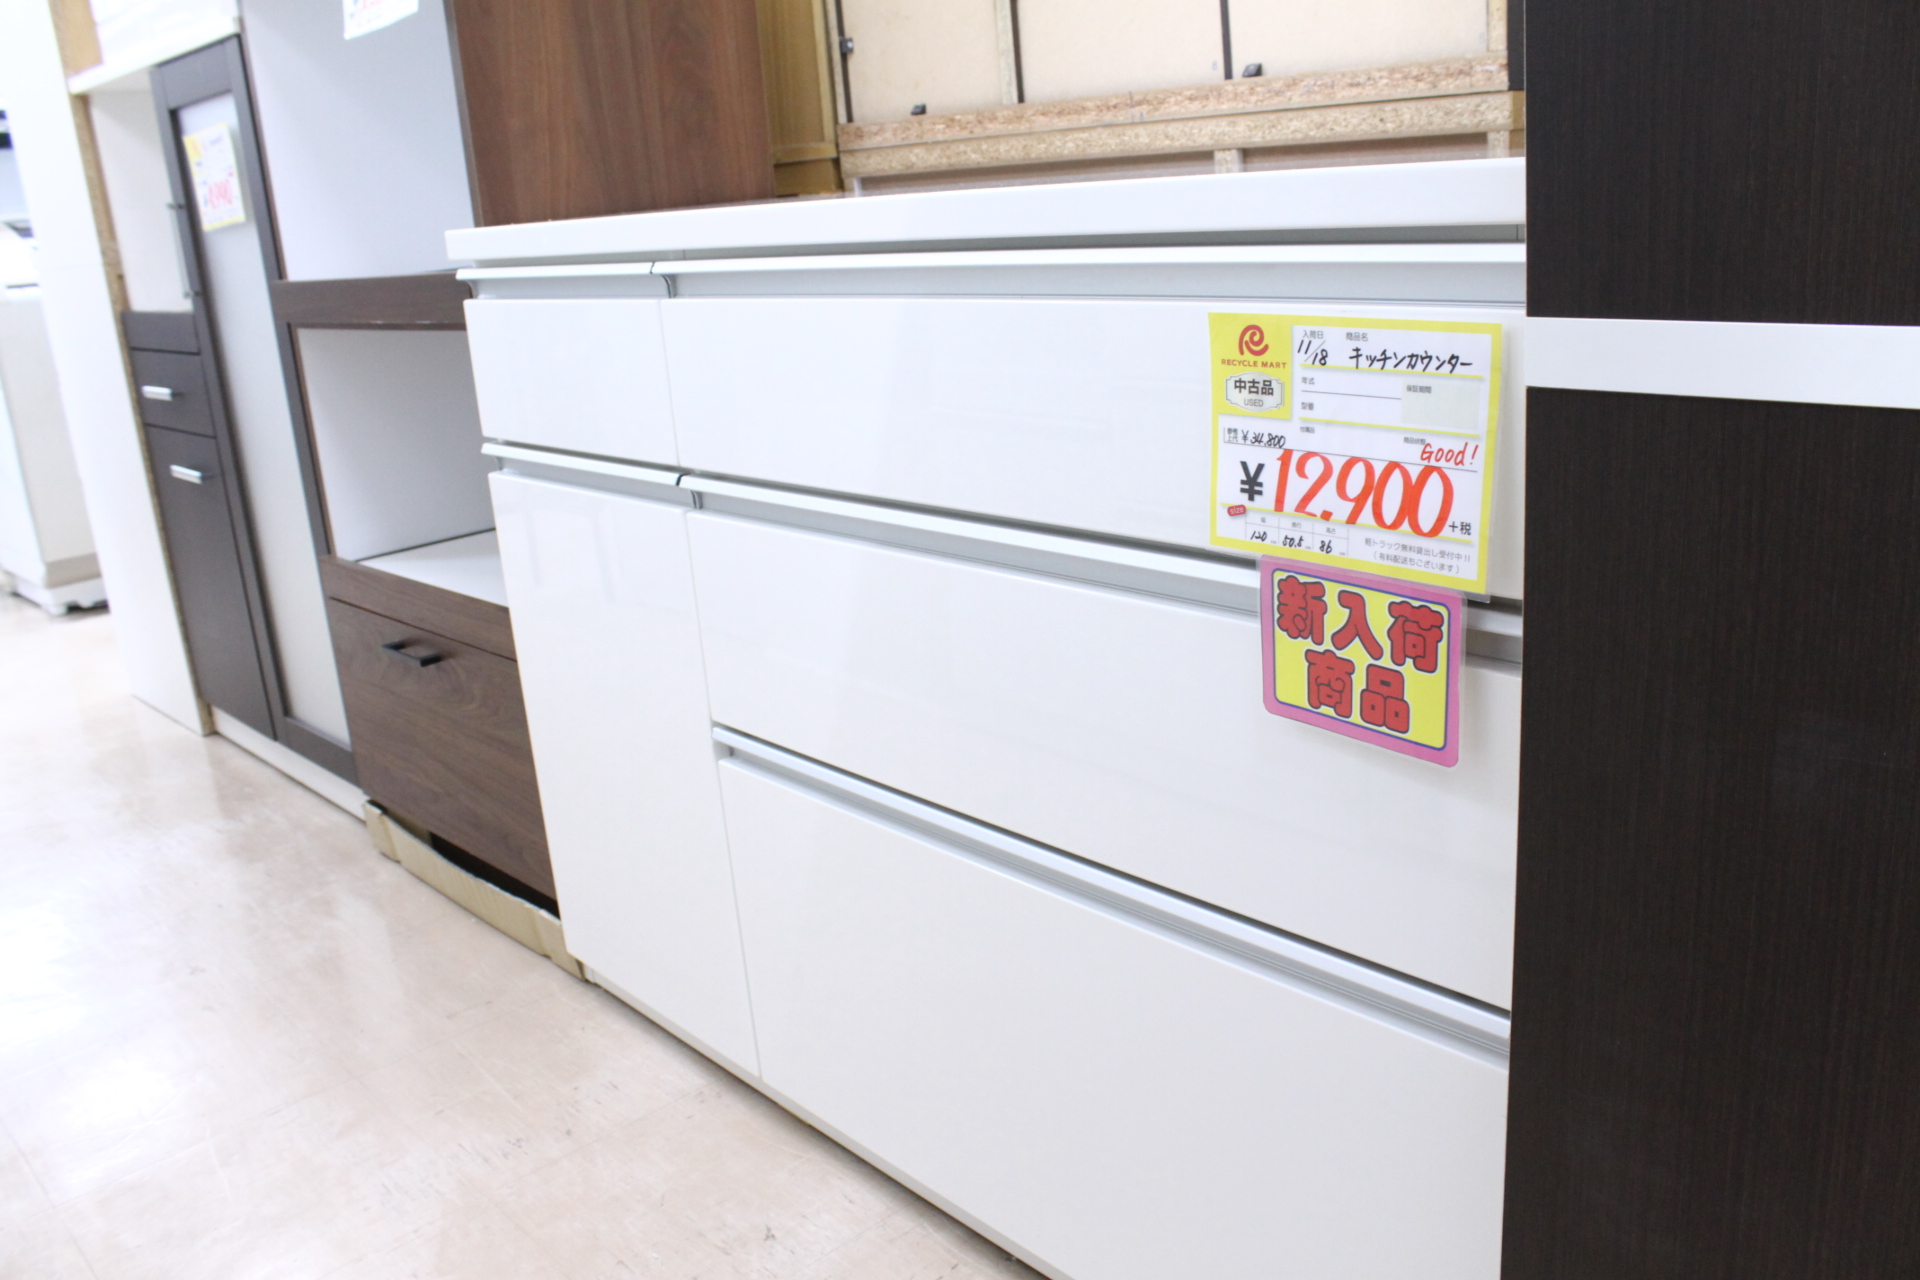 【キッチンカウンター 食器棚 幅120cm☓奥行き50cm☓高さ86cm ホワイト】を買取させて頂きました!の買取-